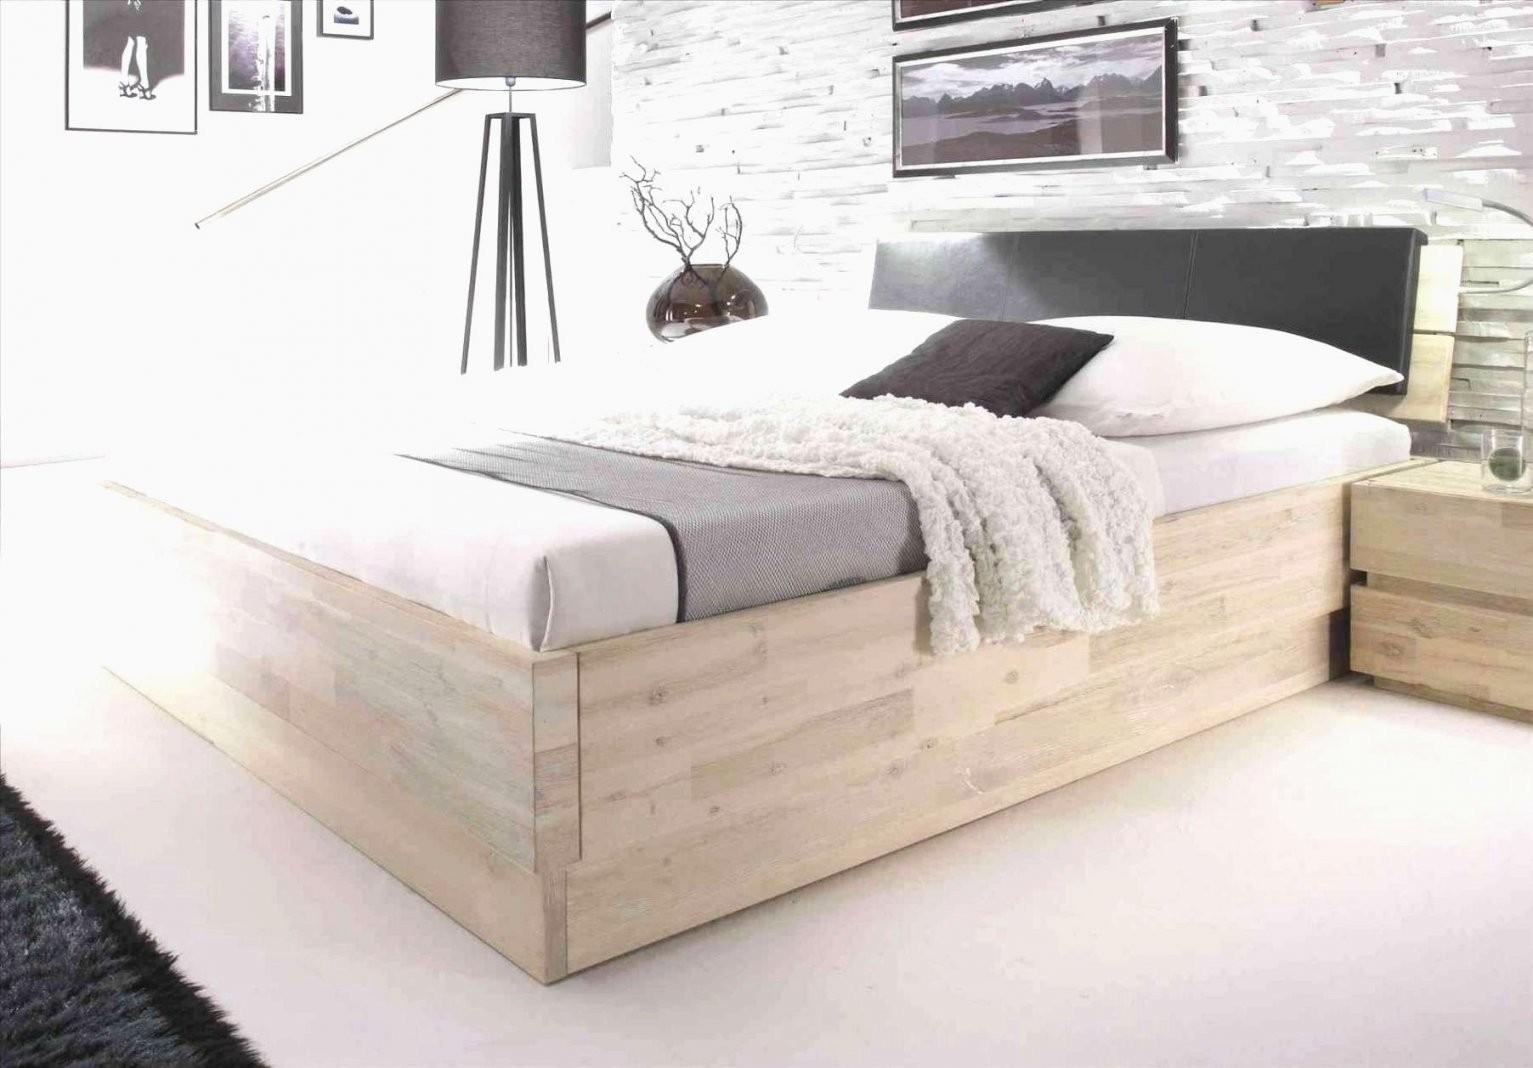 Schlafzimmer Komplett Baur  Schlafzimmermöbel Baur Zuhause von Boxspringbett 140X200 Baur Bild